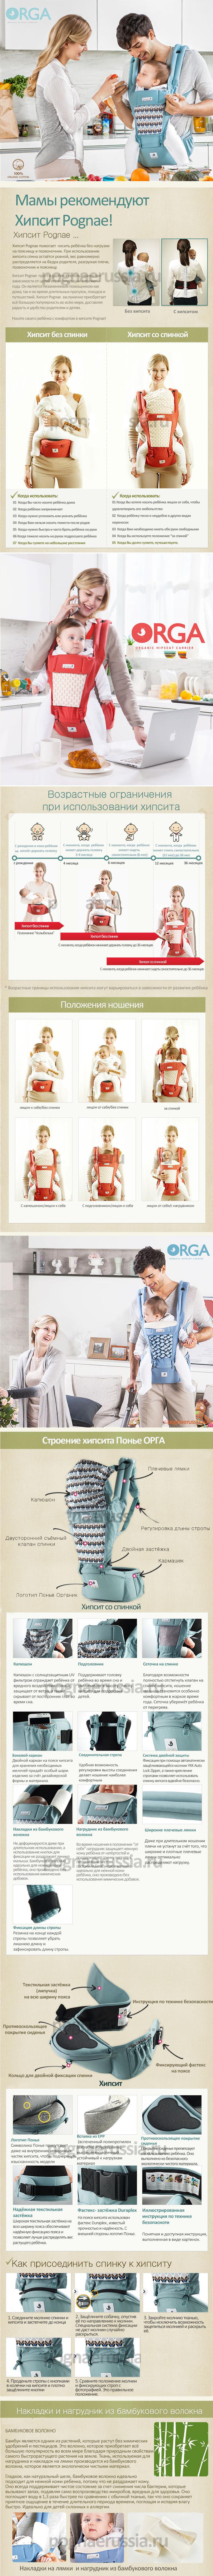 Инструкция к Понье ORGA